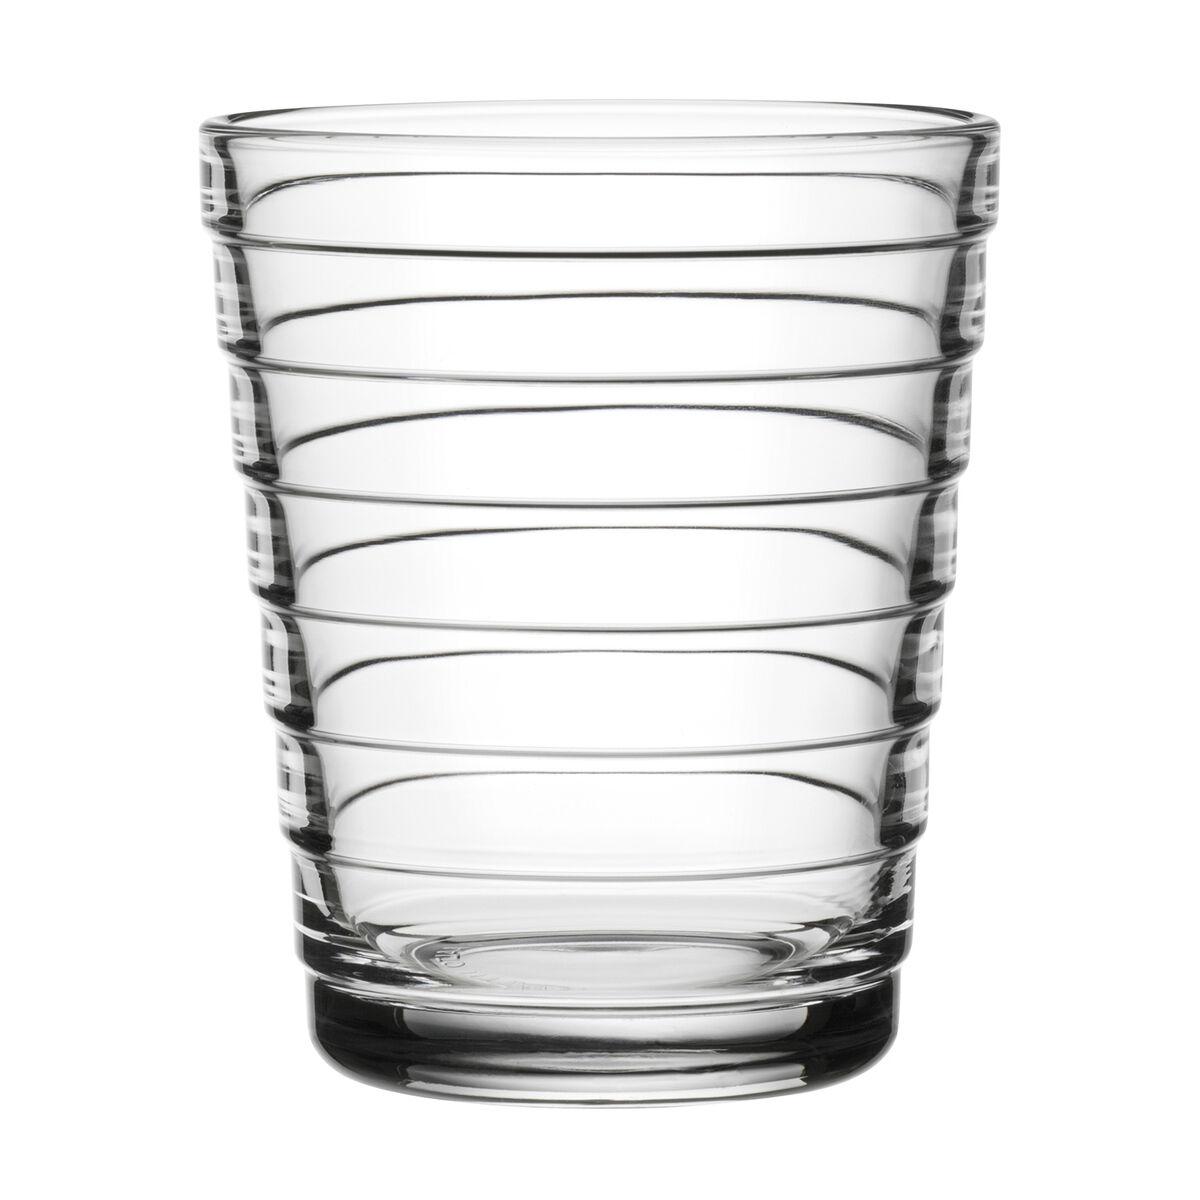 iittala Aino Aalto juomalasi 22 cl, kirkas, 2 kpl